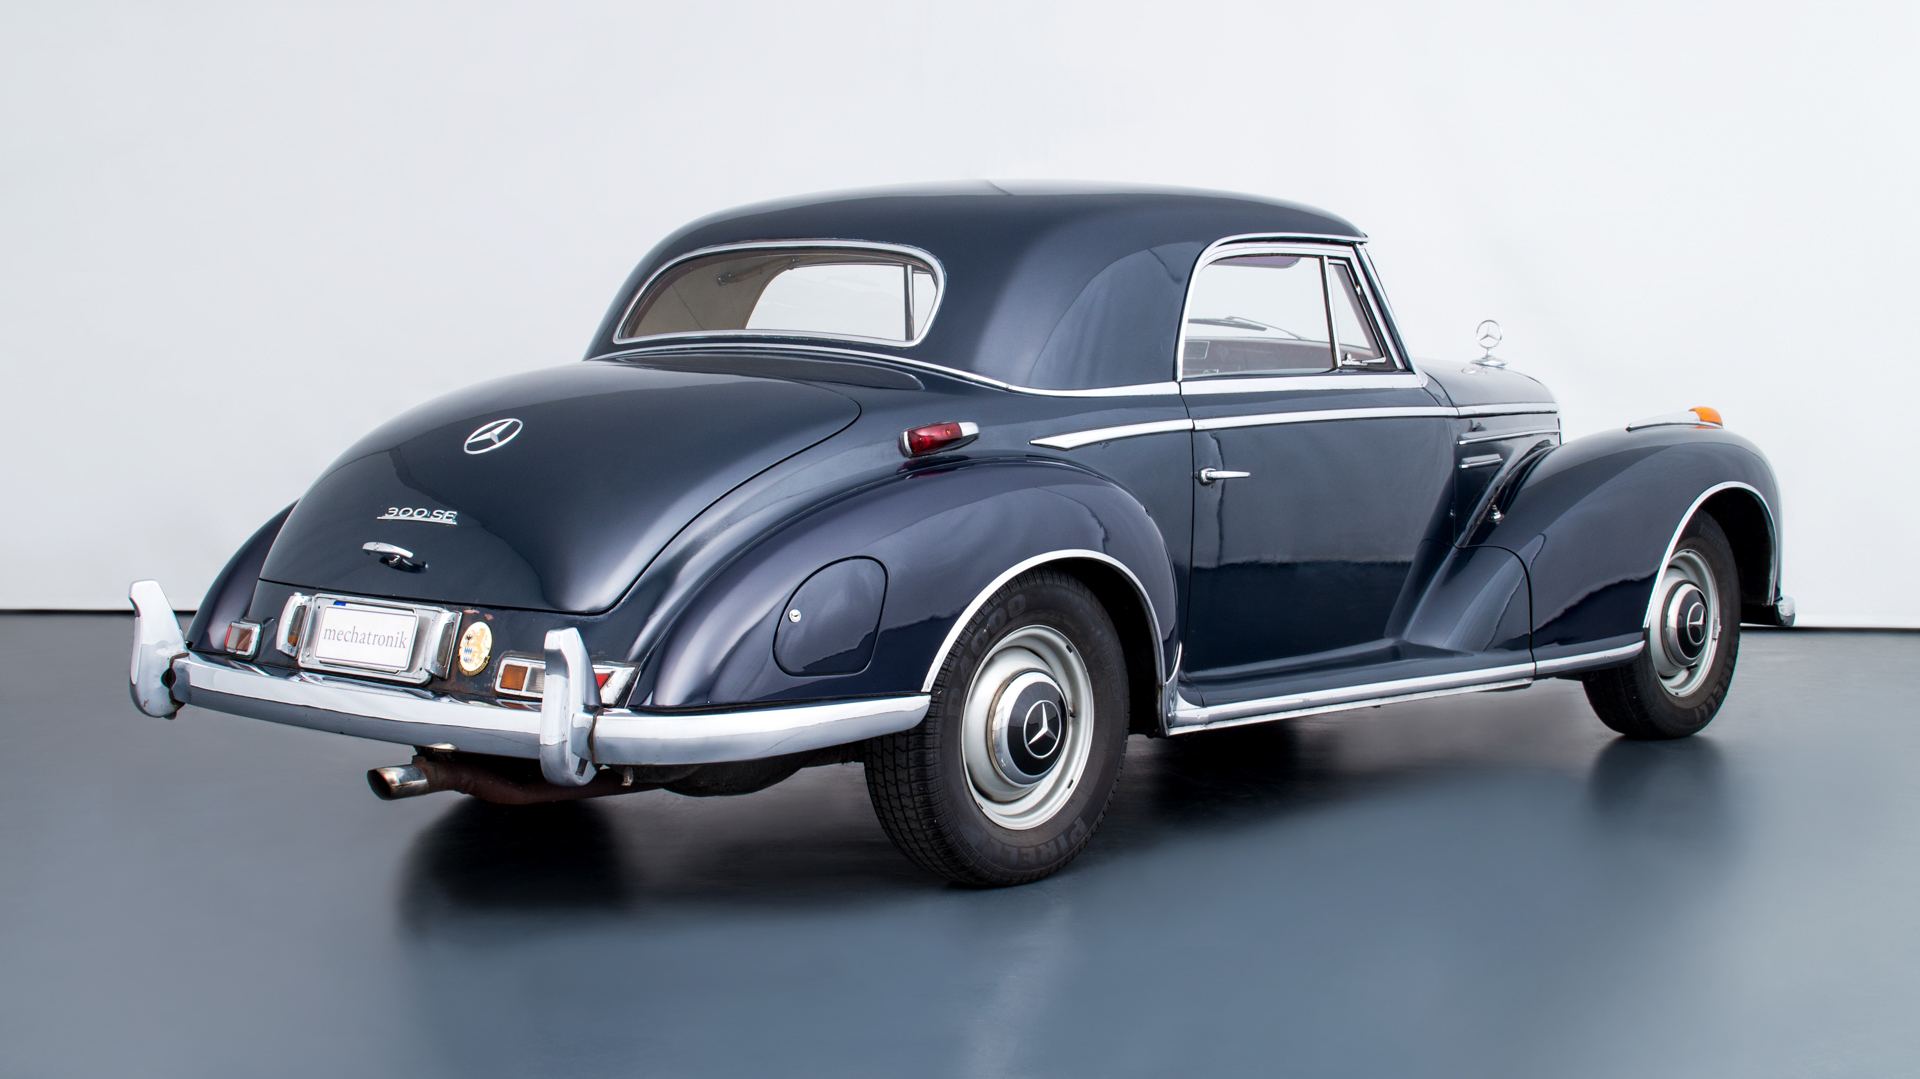 Mercedes-Benz W 188 300 Sc Coupe | Mechatronik - Qualität ...